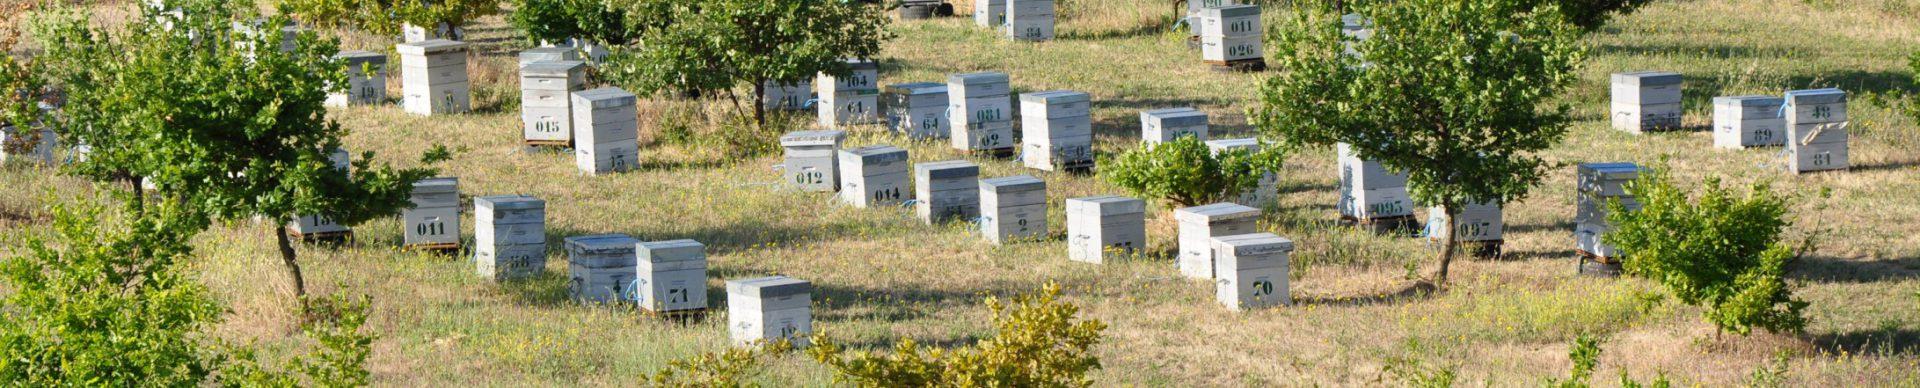 Il miele alveari nei pressi di un campo di lavanda Valensole